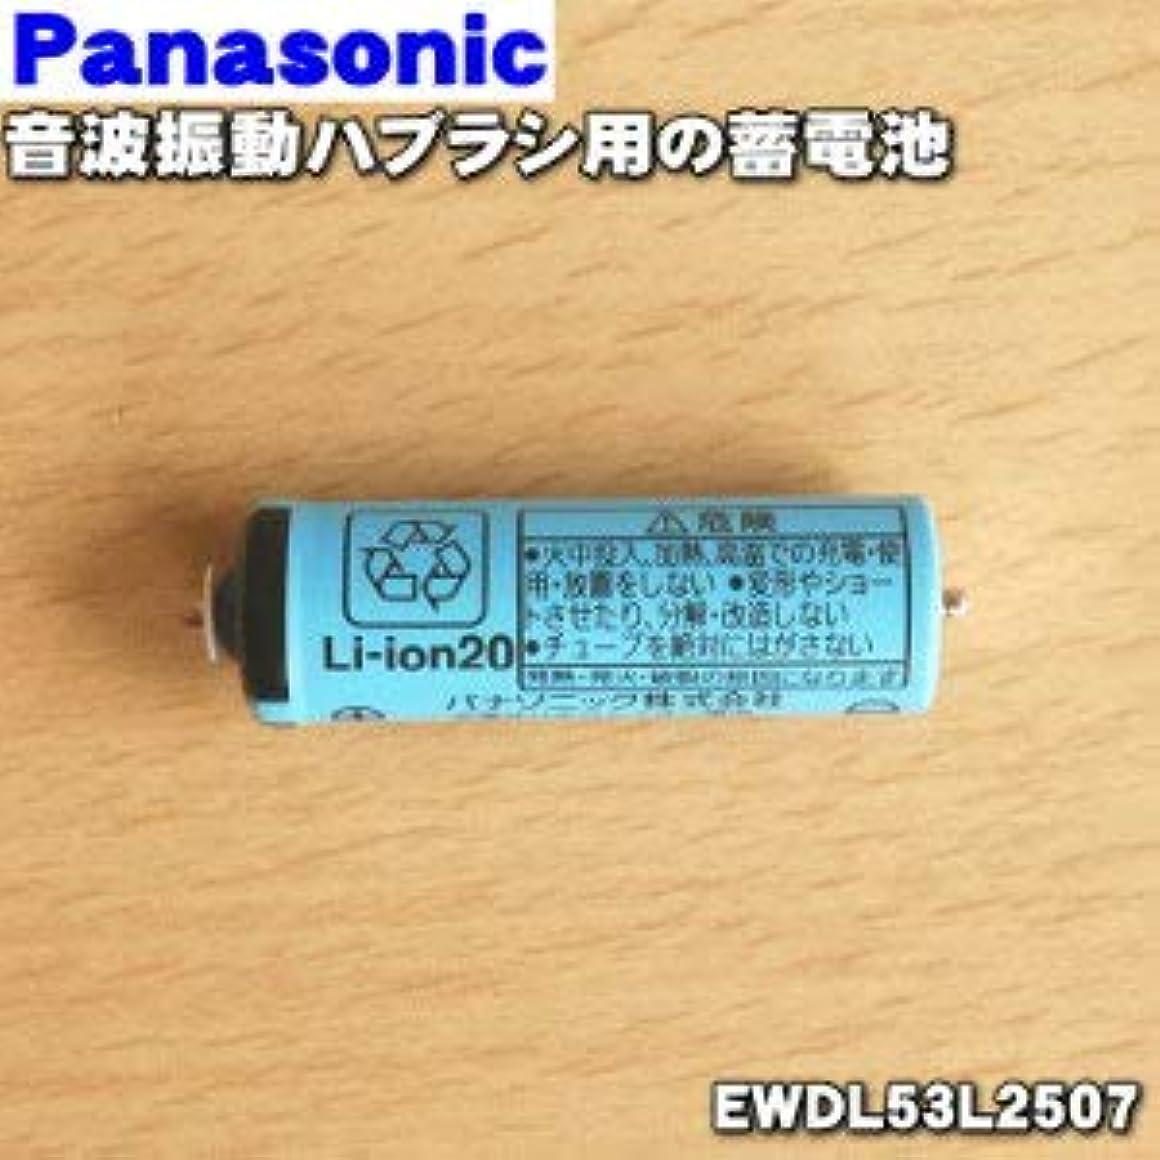 どういたしましてノーブル見通しパナソニック Panasonic 音波振動ハブラシ Doltz 蓄電池交換用蓄電池 EWDL53L2507